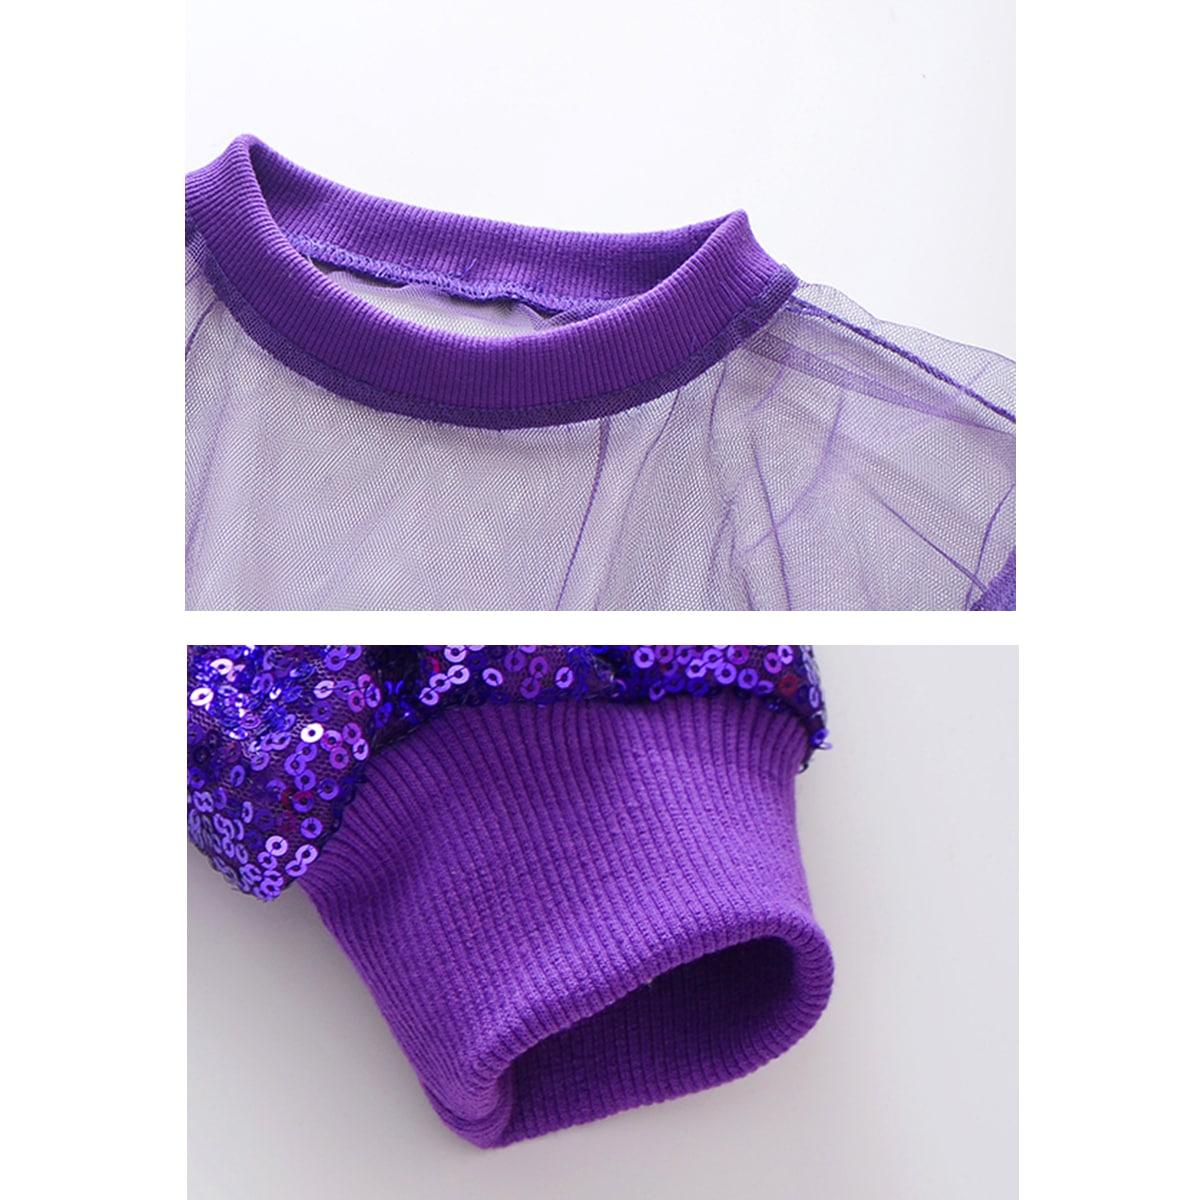 スパンコール セットアップ パープル 紫 ヒップホップ キッズダンス衣装 トップス